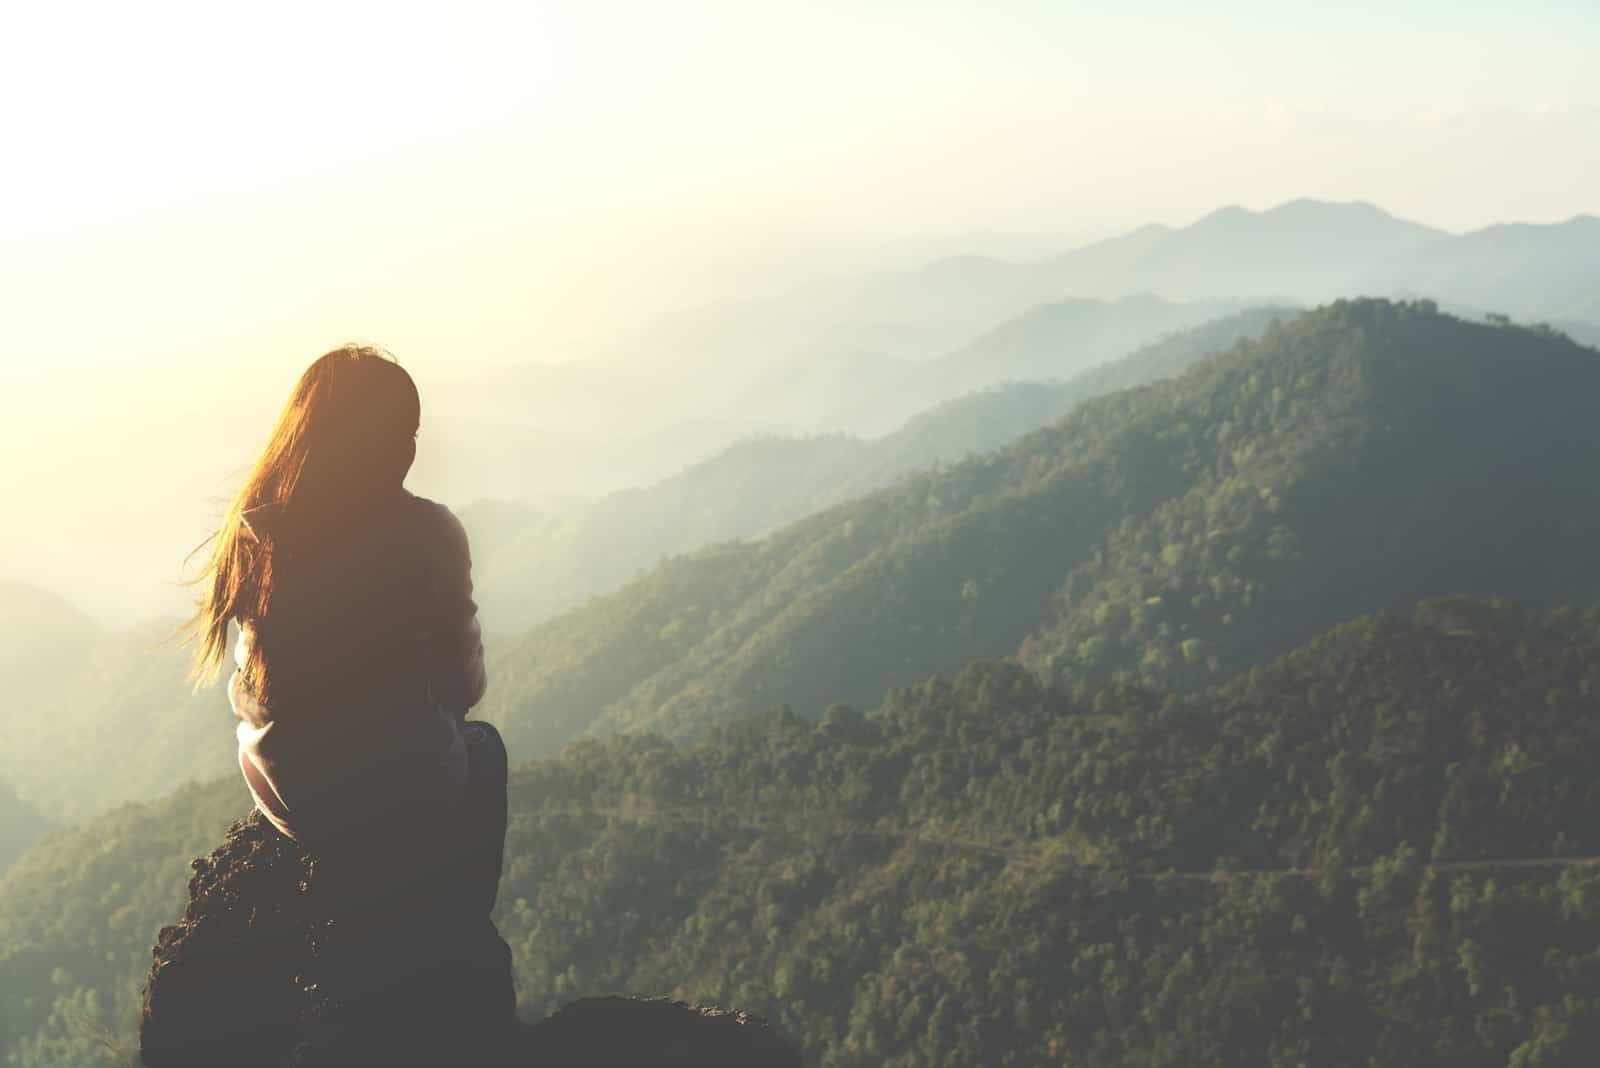 une femme assise sur une pierre